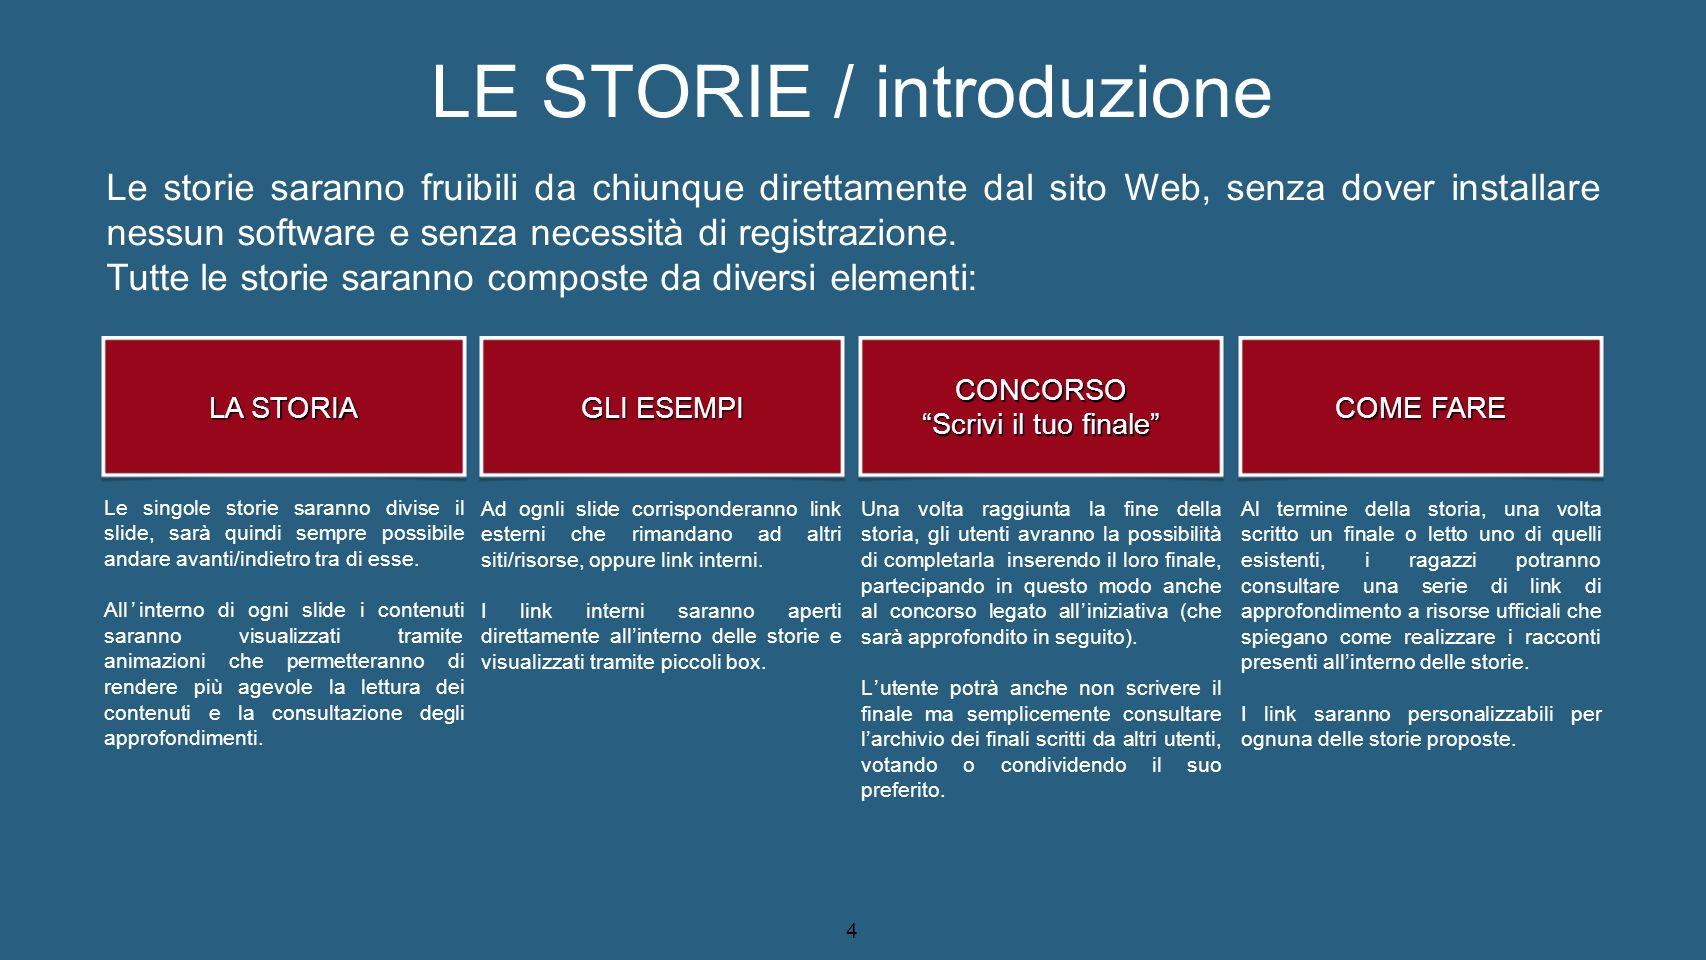 5 LE STORIE / indice